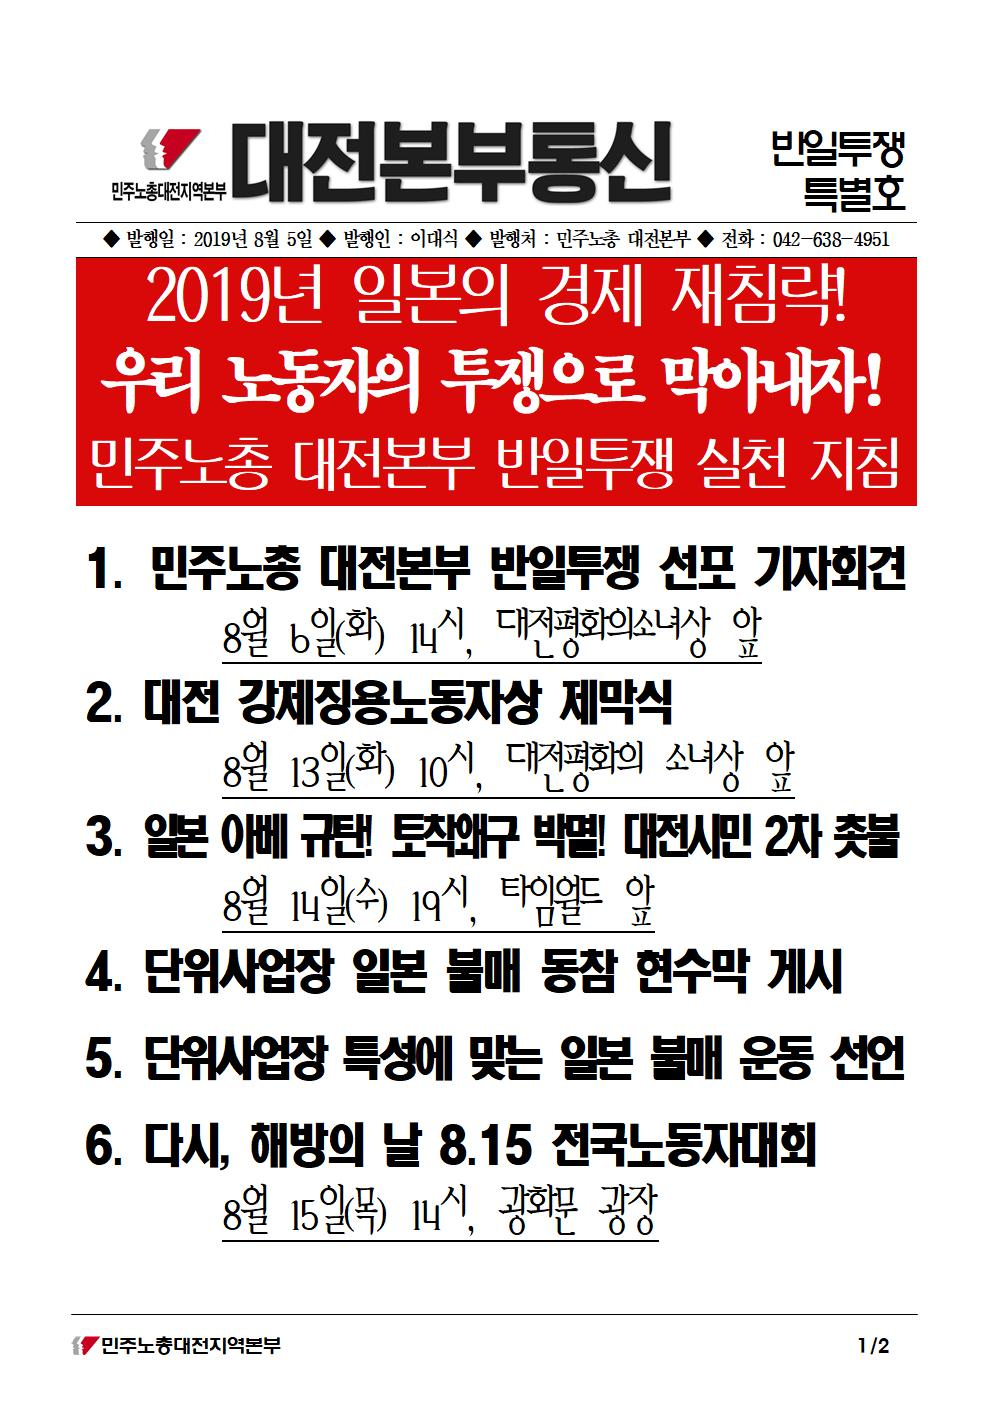 민주노총 대전본부 본부통신_반일투쟁 특별호